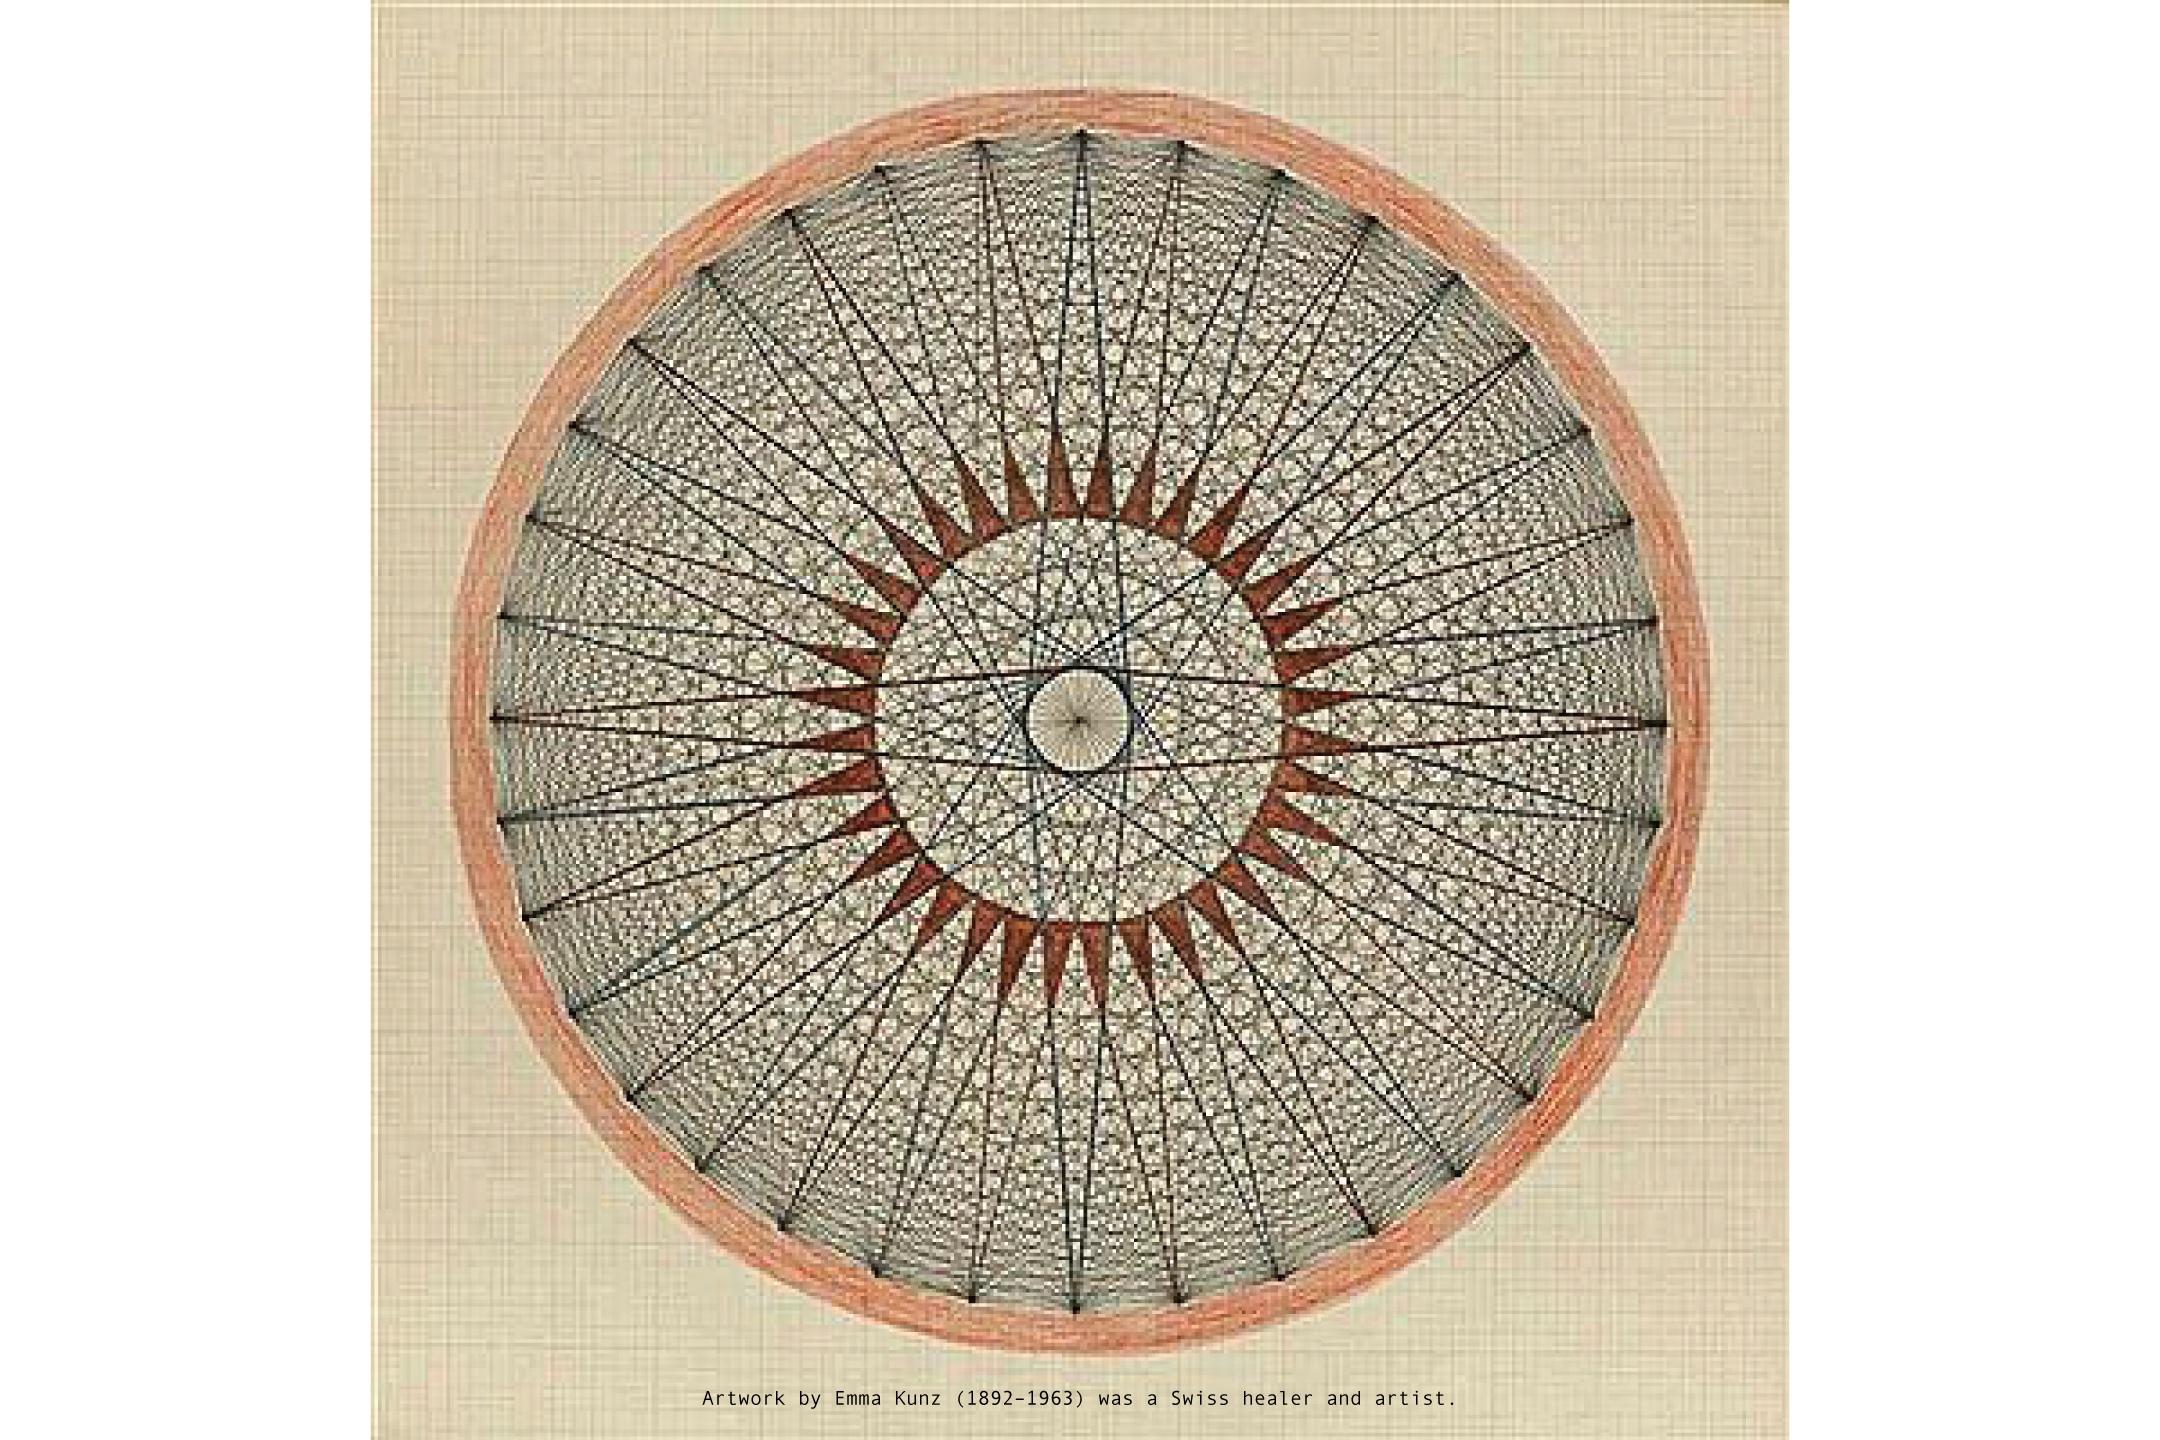 Artwork by Emma Kunz (1892–1963) was a Swiss healer and artist.